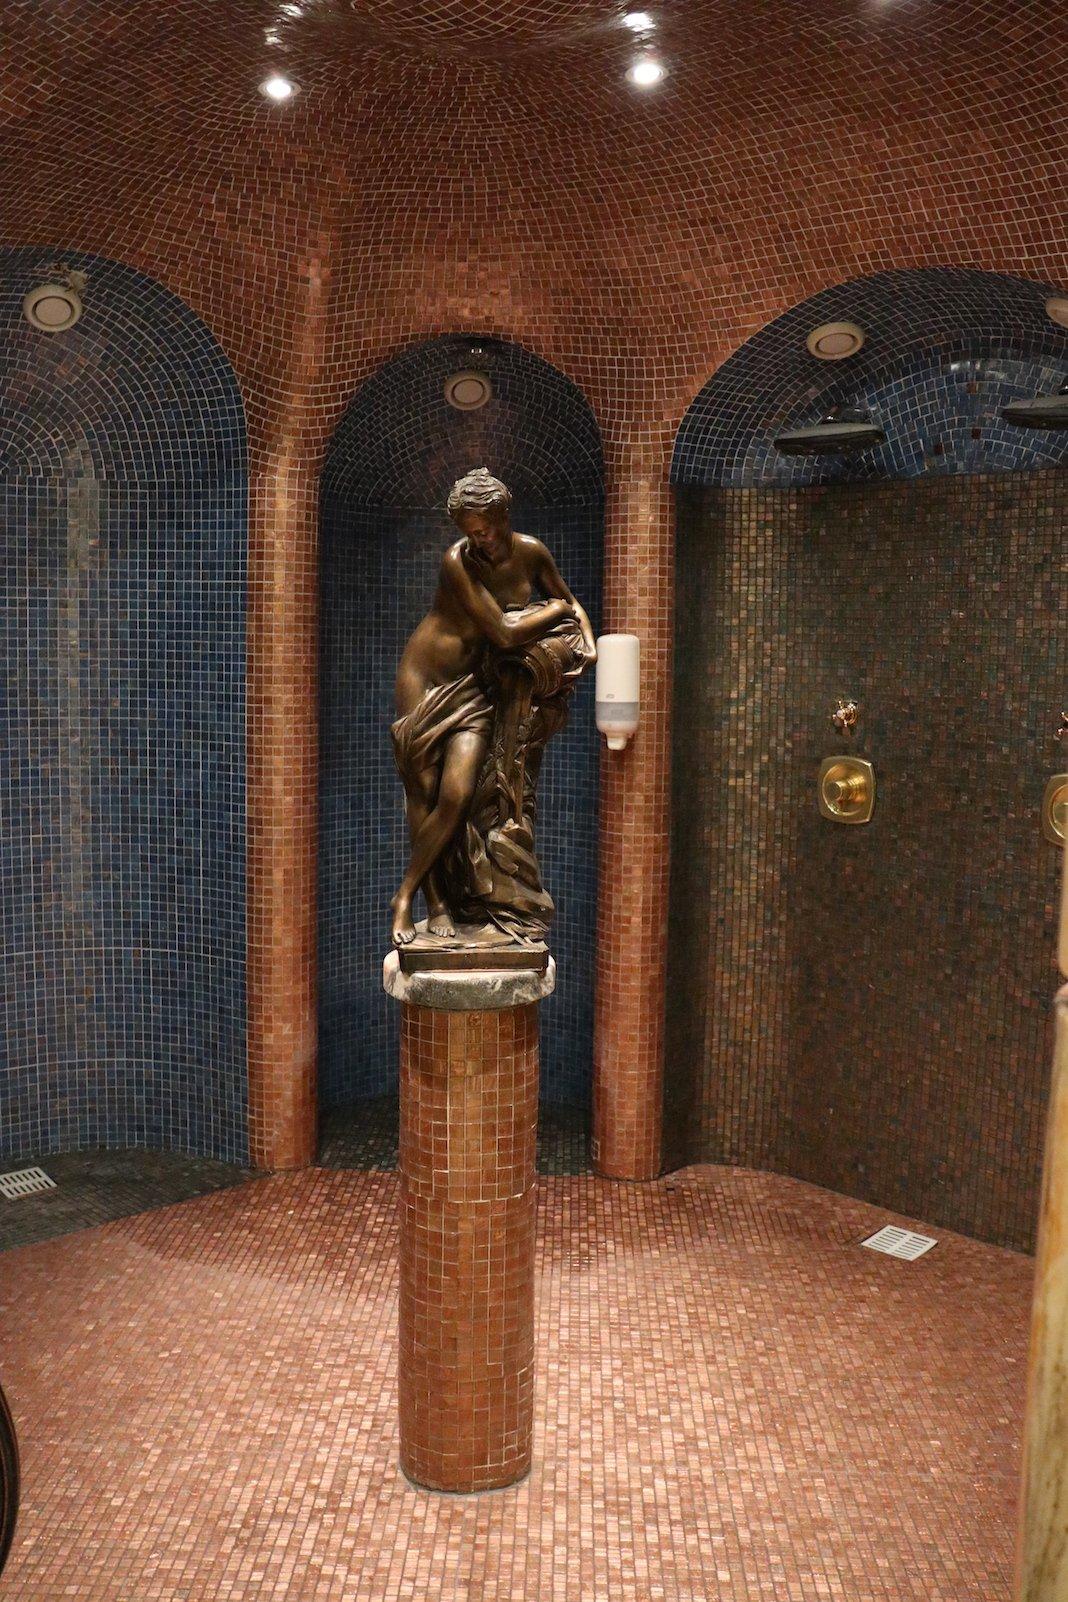 Duschen in der Erlebnis-Saunalandschaft in der Thermenwelt Pulverer